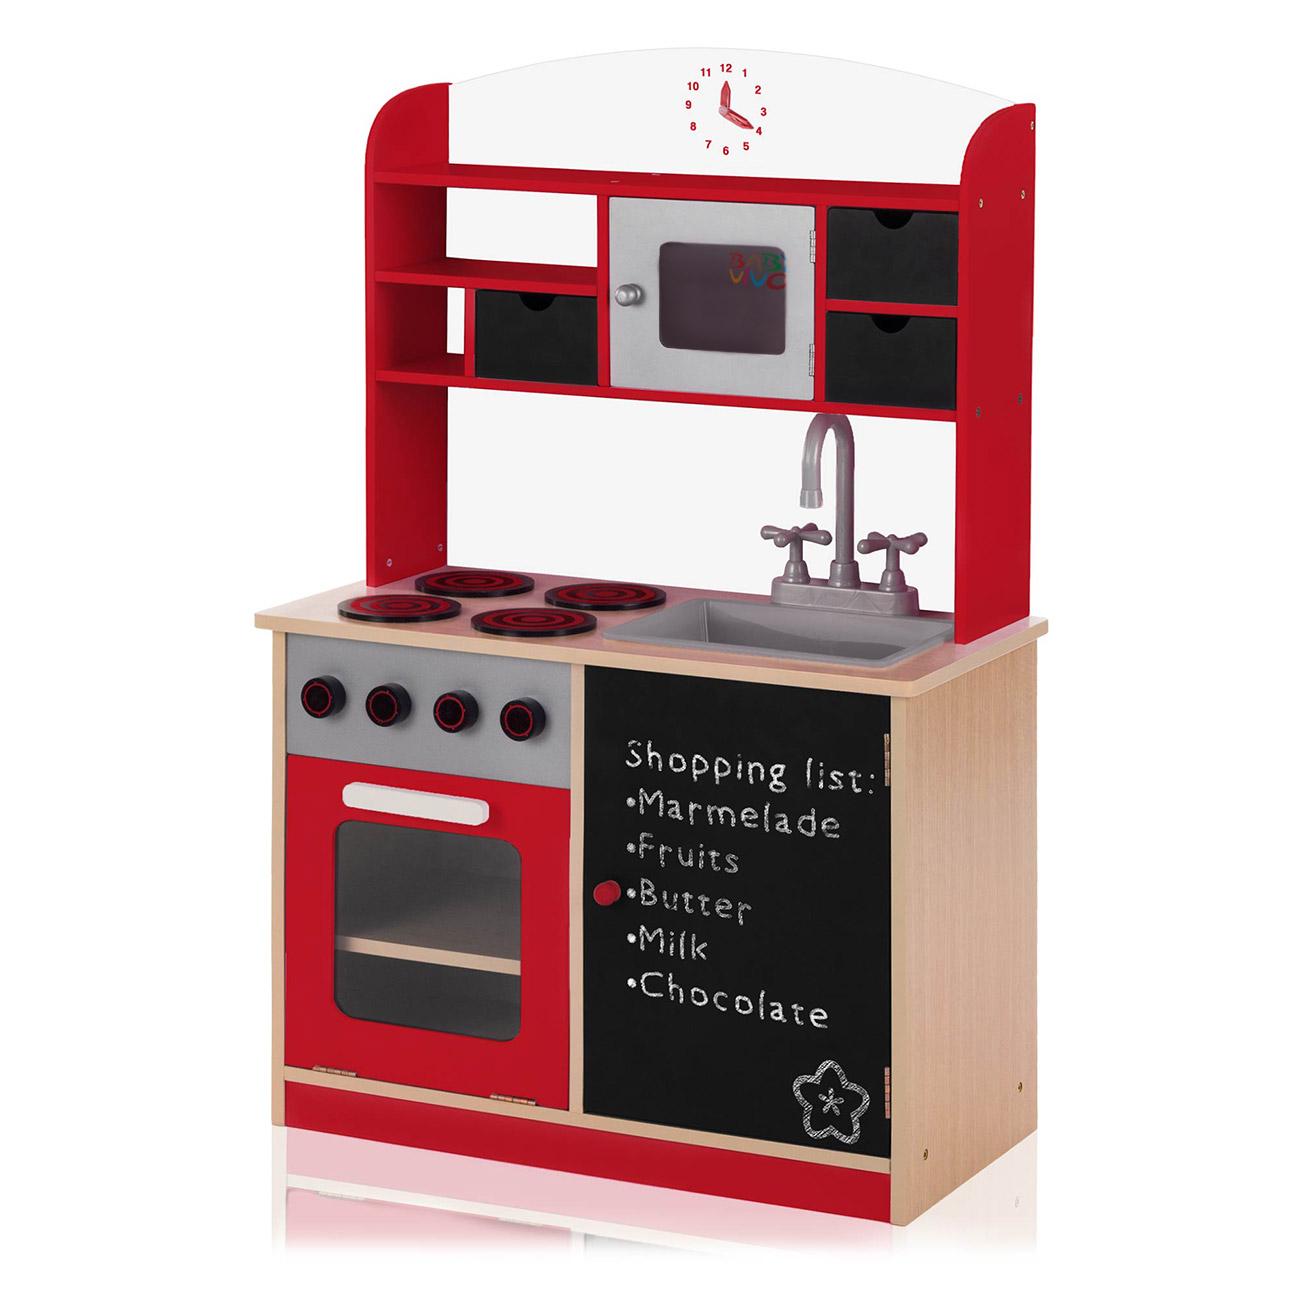 baby vivo cuisine enfant en bois avec tableau noir mila en rouge b b enfant jouets cuisine. Black Bedroom Furniture Sets. Home Design Ideas